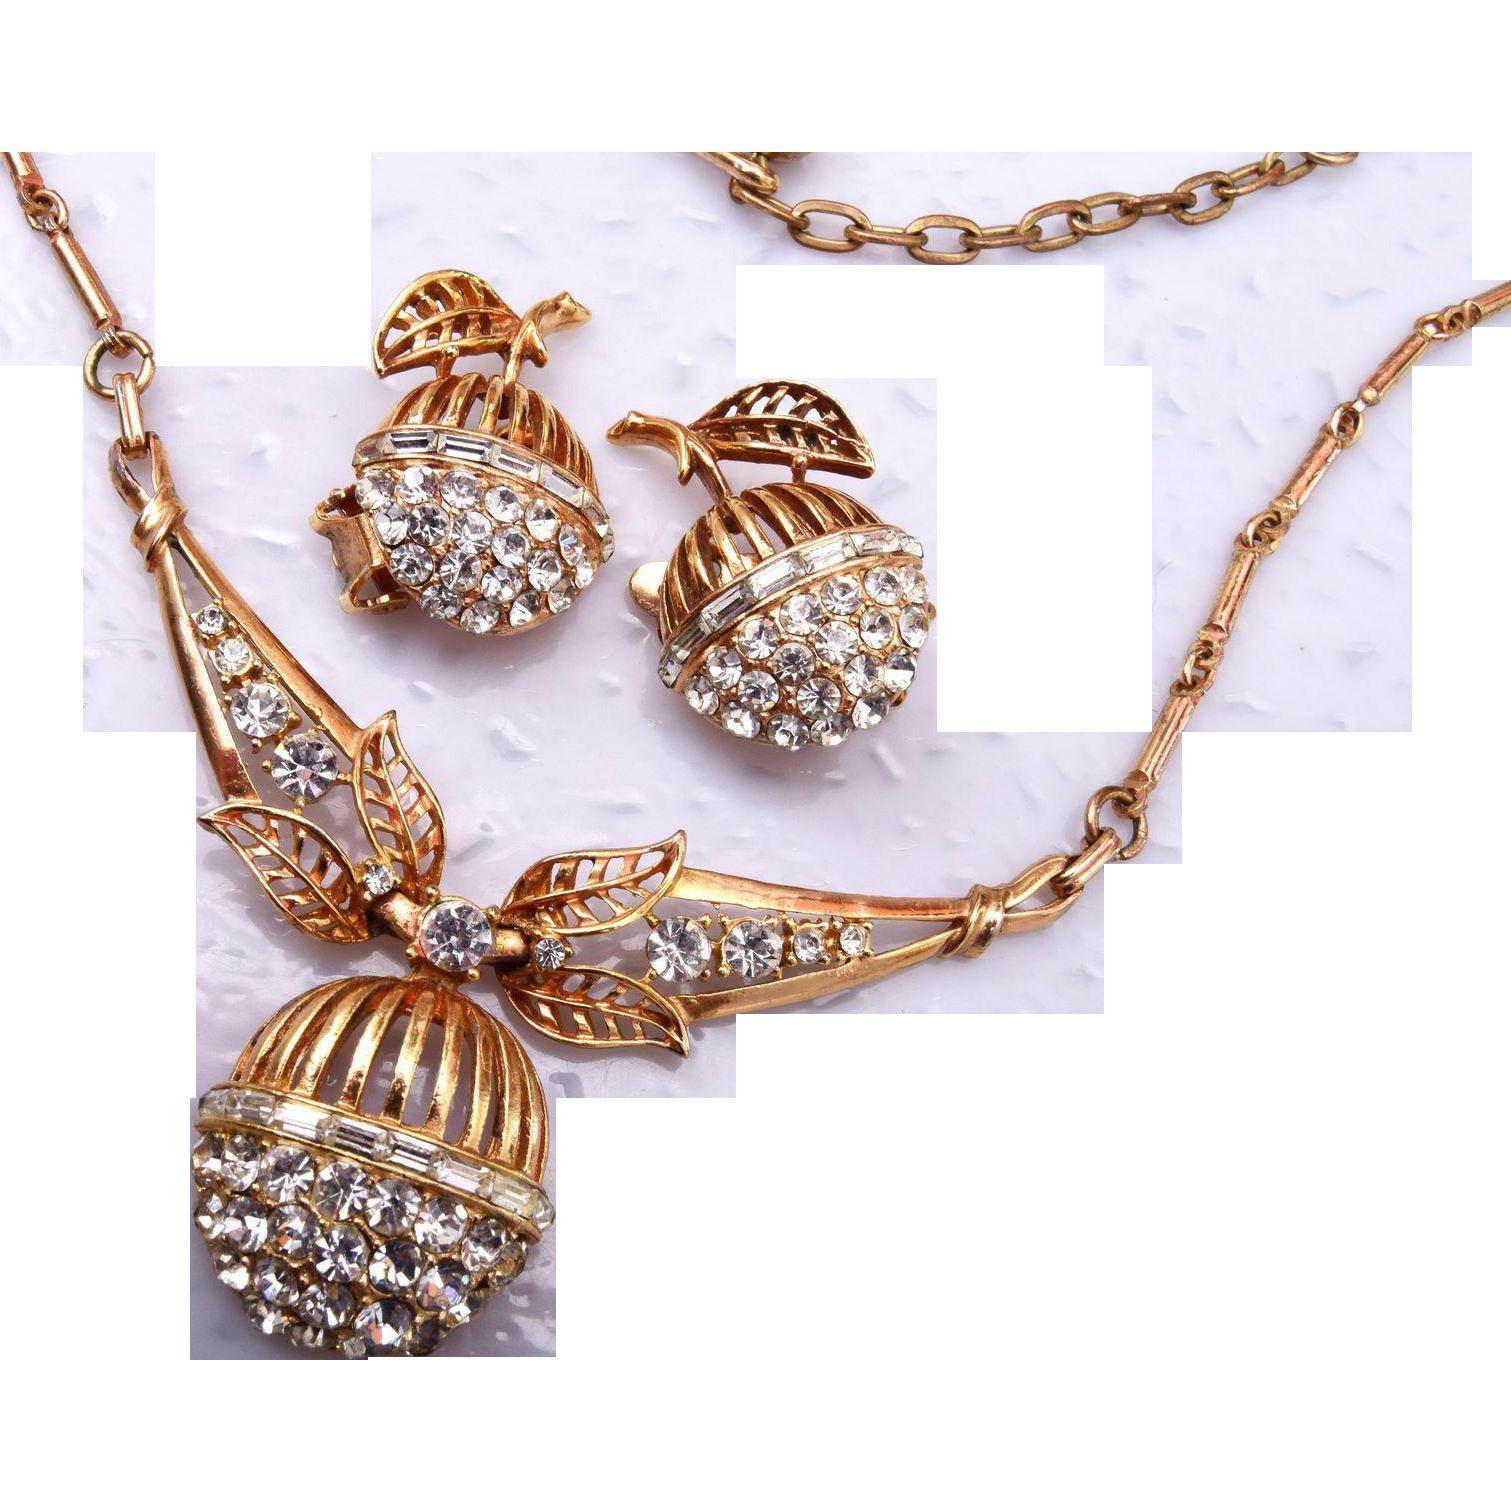 Rhinestone Fruit Necklace and Earring Set